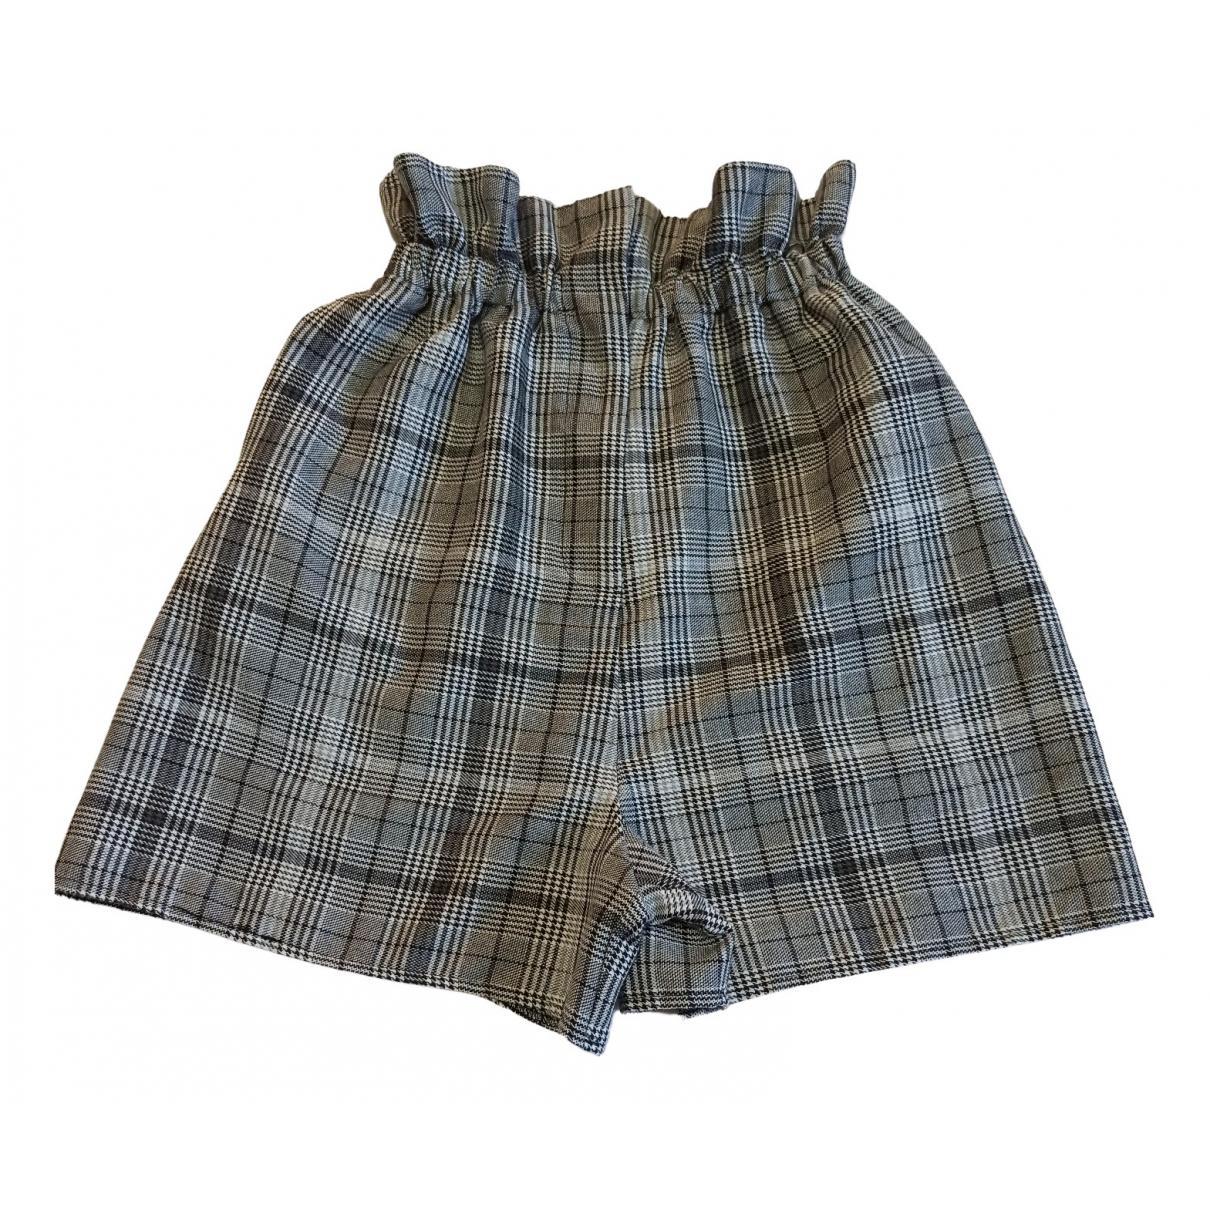 Asos \N Shorts in  Grau Polyester